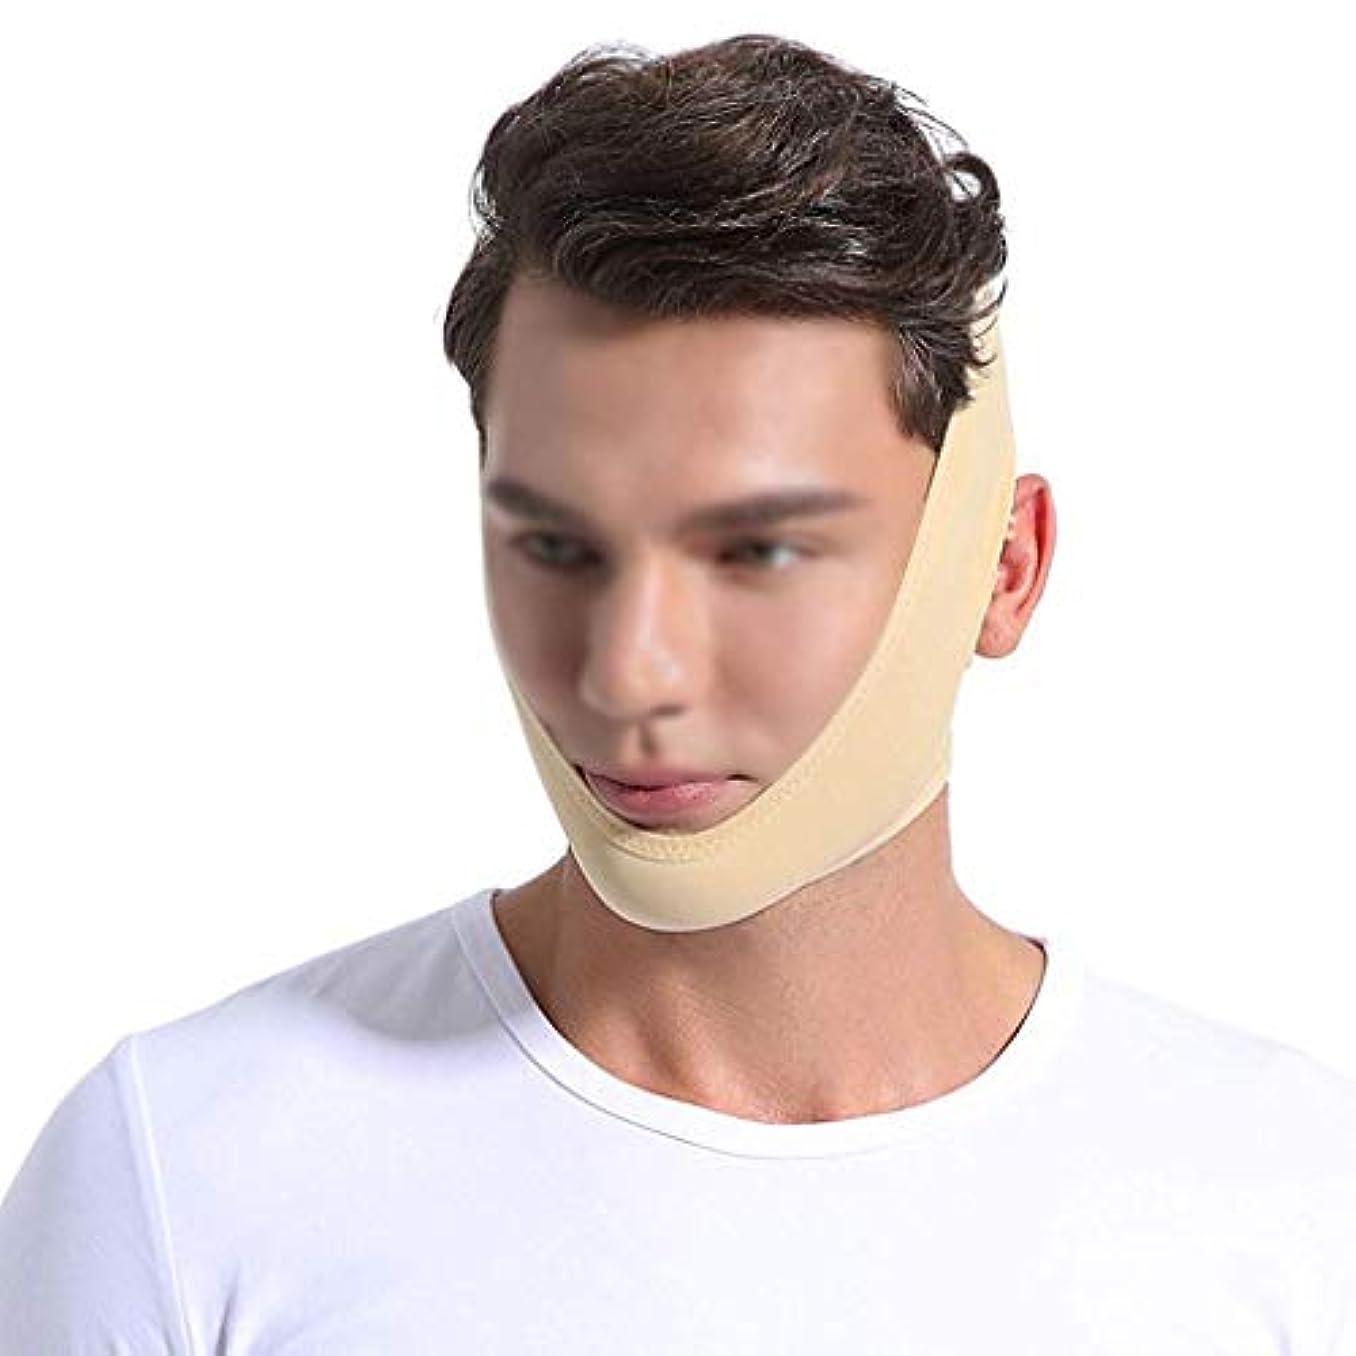 ボトル辞書レーニン主義医療用ワイヤーカービング後、リフティングマスクを再開し、男性と女性の顔の弾性包帯のヘッドギアは小さなVフェイスの薄いフェイスマスクを結びました